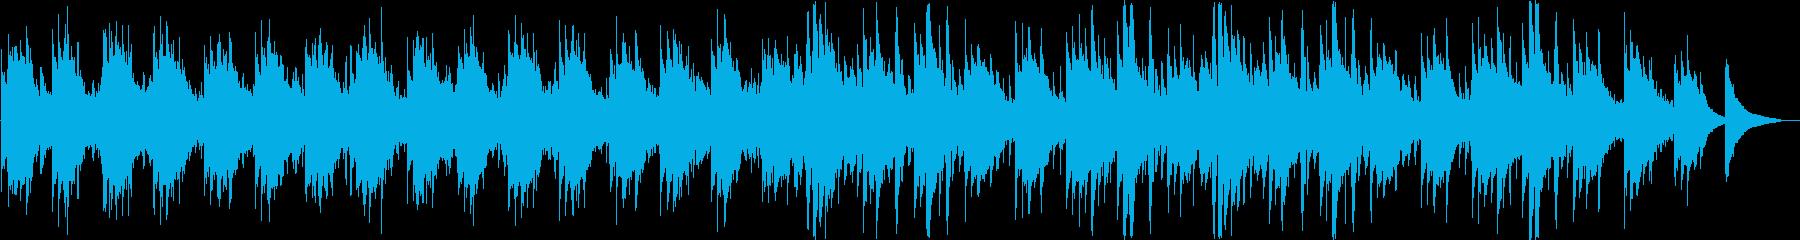 ゆったりとしたシンセ・ピアノなどの曲の再生済みの波形